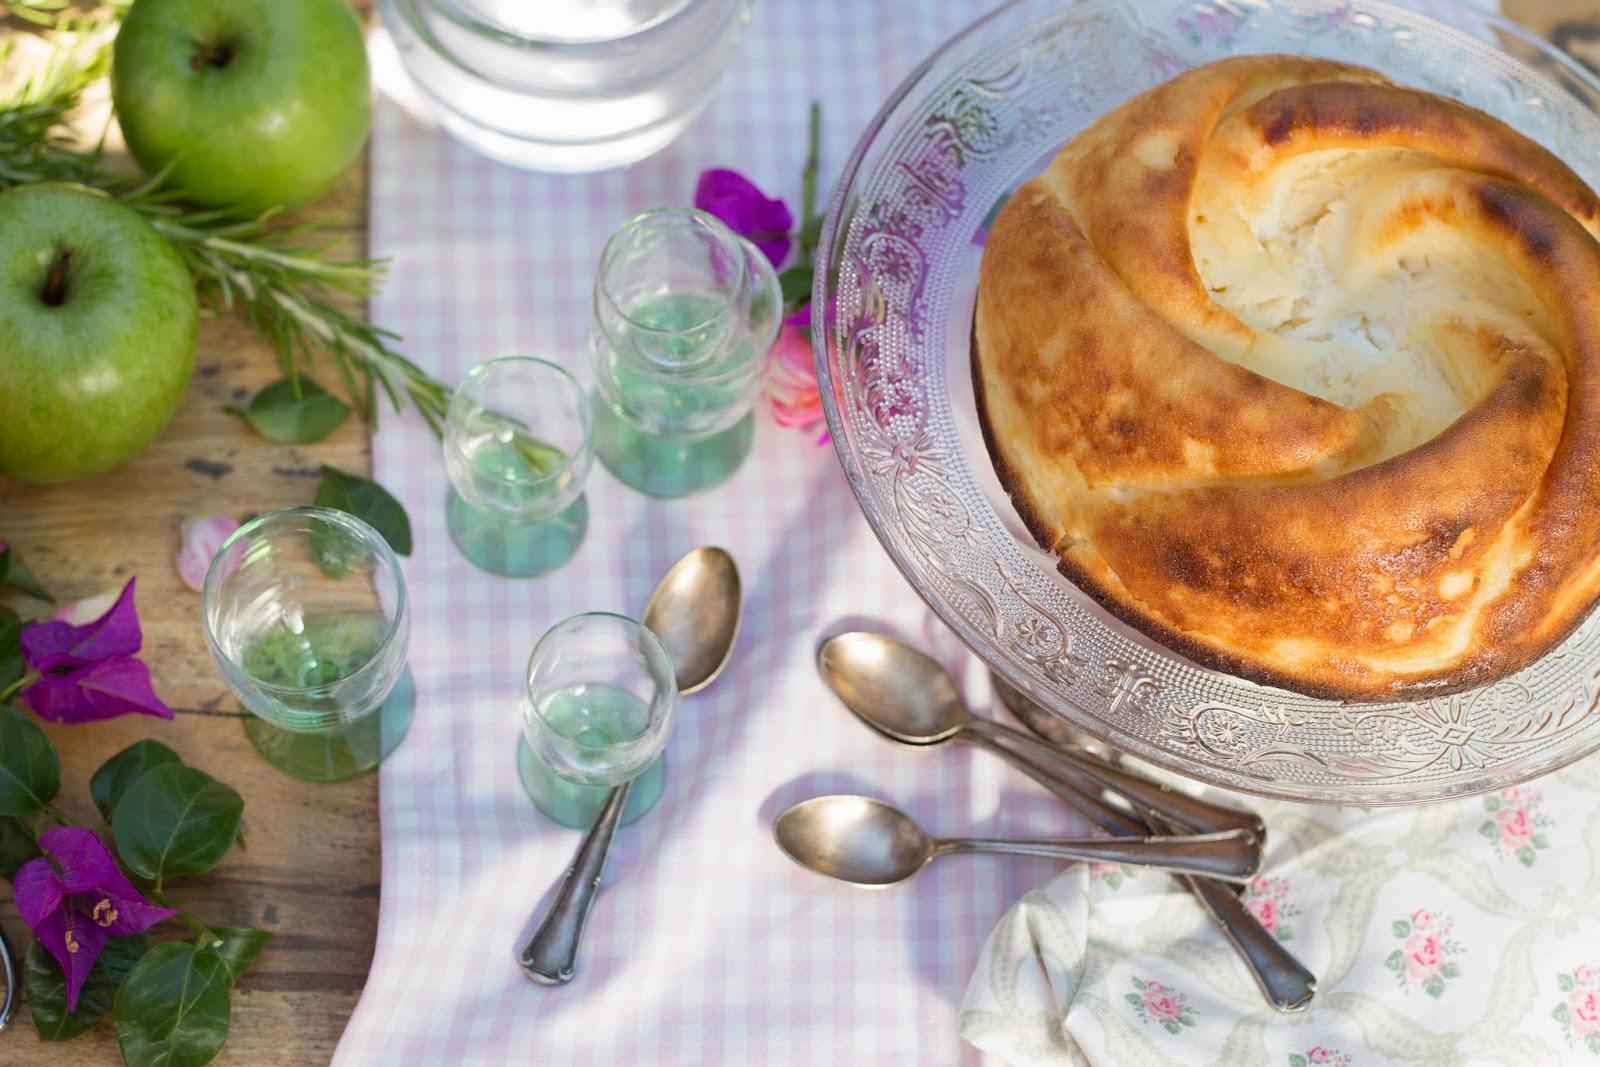 Tarta de requesón en cake stand de cristal con cucharillas de plata antiguas y cristalería con pie de cristal verde. Manzanas verdes y flores purpuras.